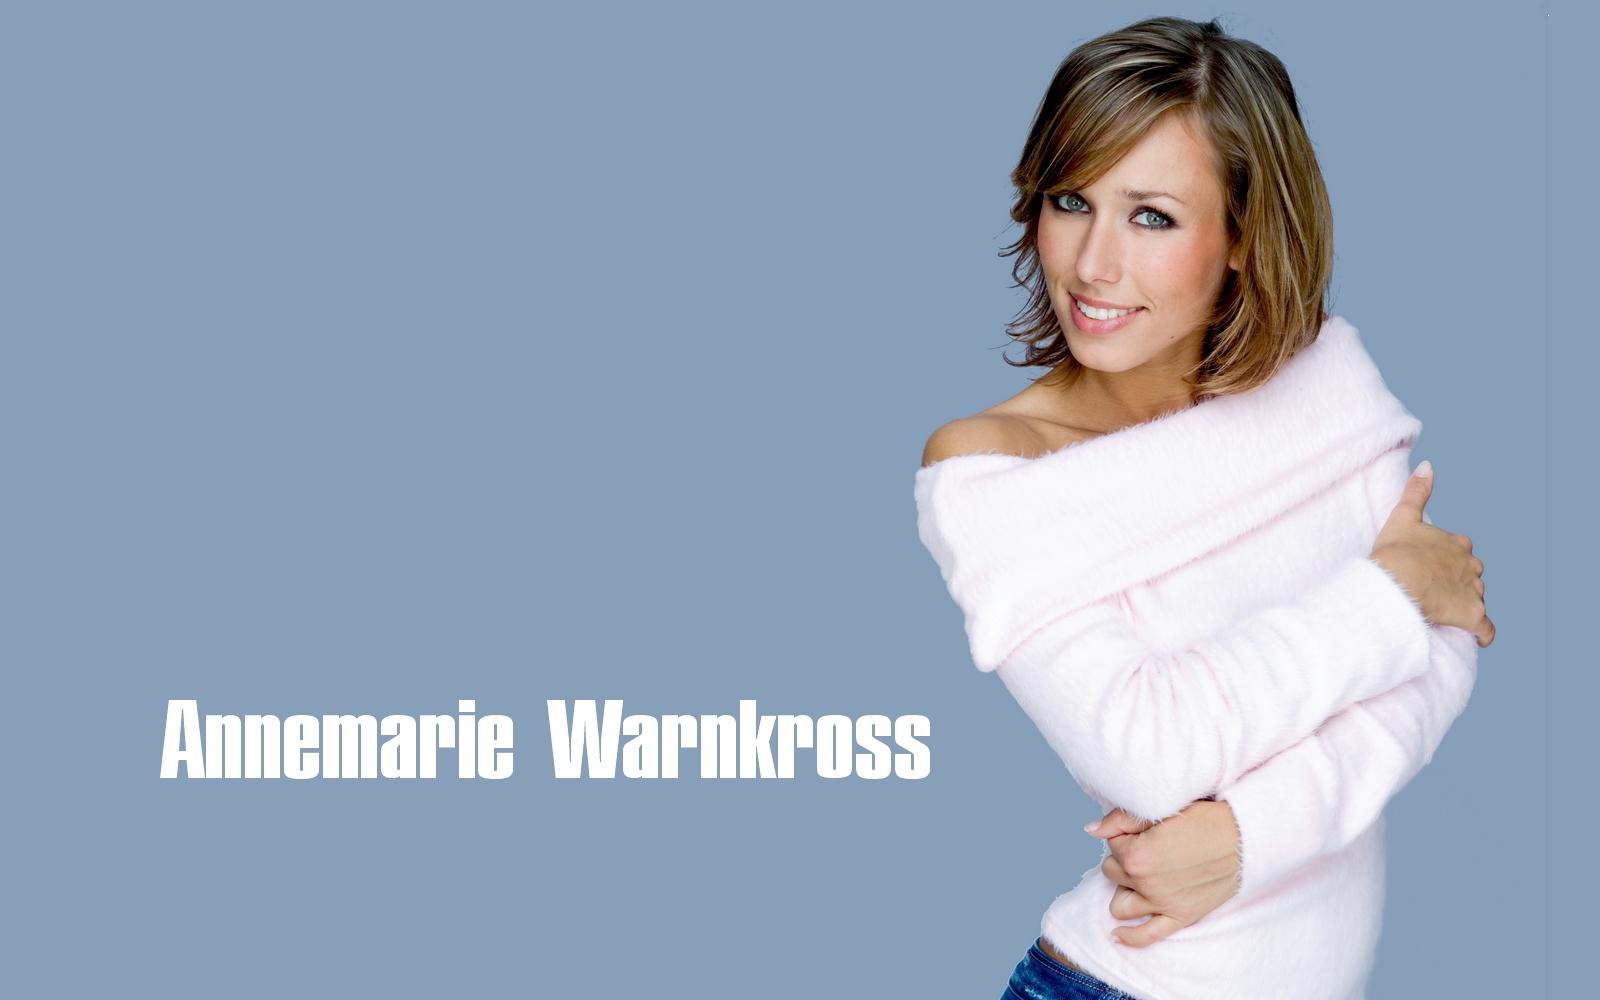 Annemarie Warnkross Bellini